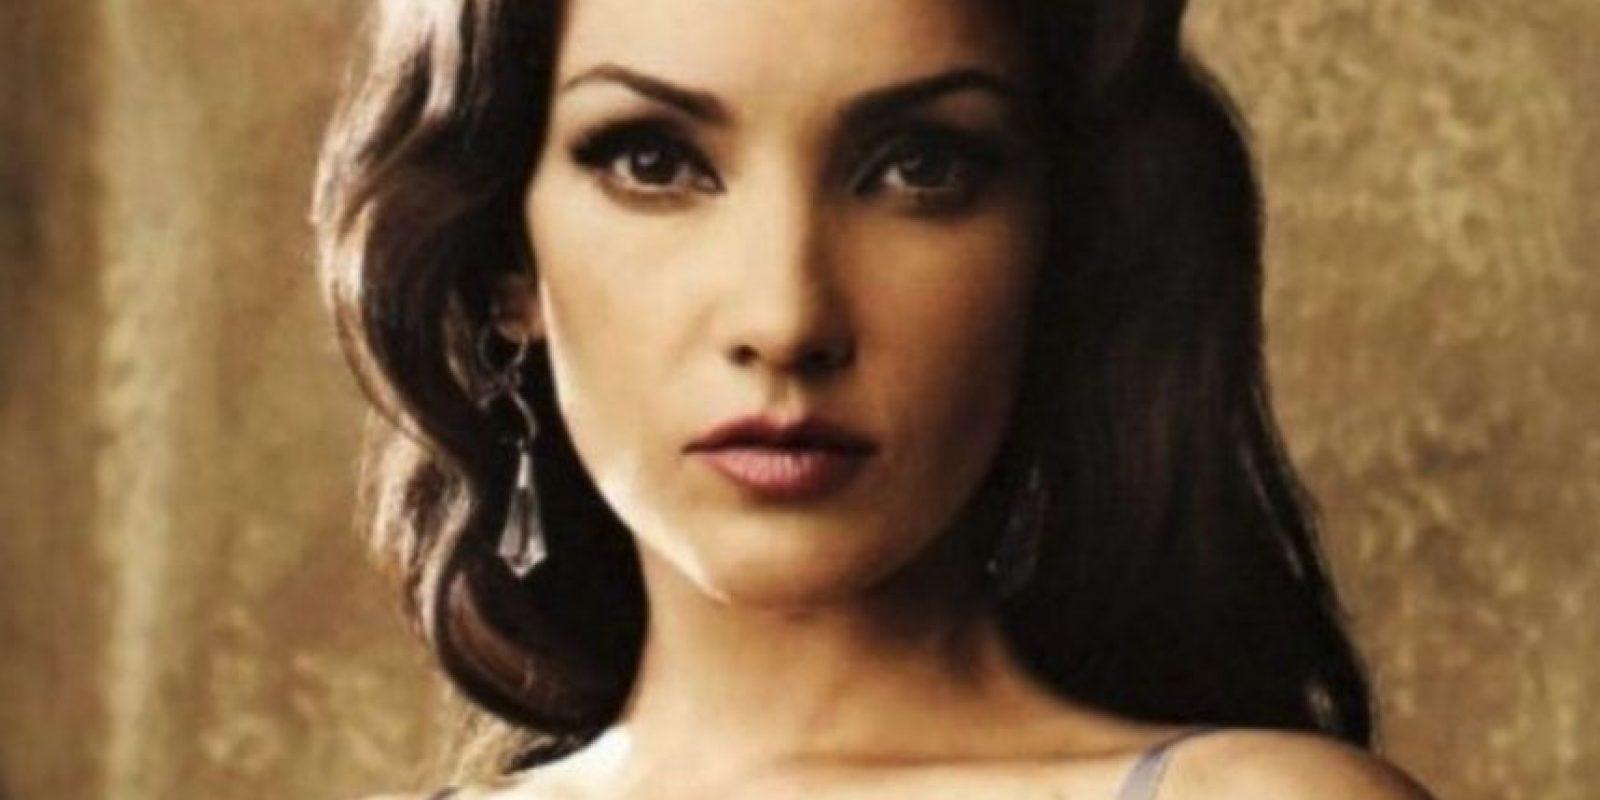 Karla Álvarez, la actriz falleció en noviembre de 2013 Foto:Vía twitter.com/alvarez_karla. Imagen Por: